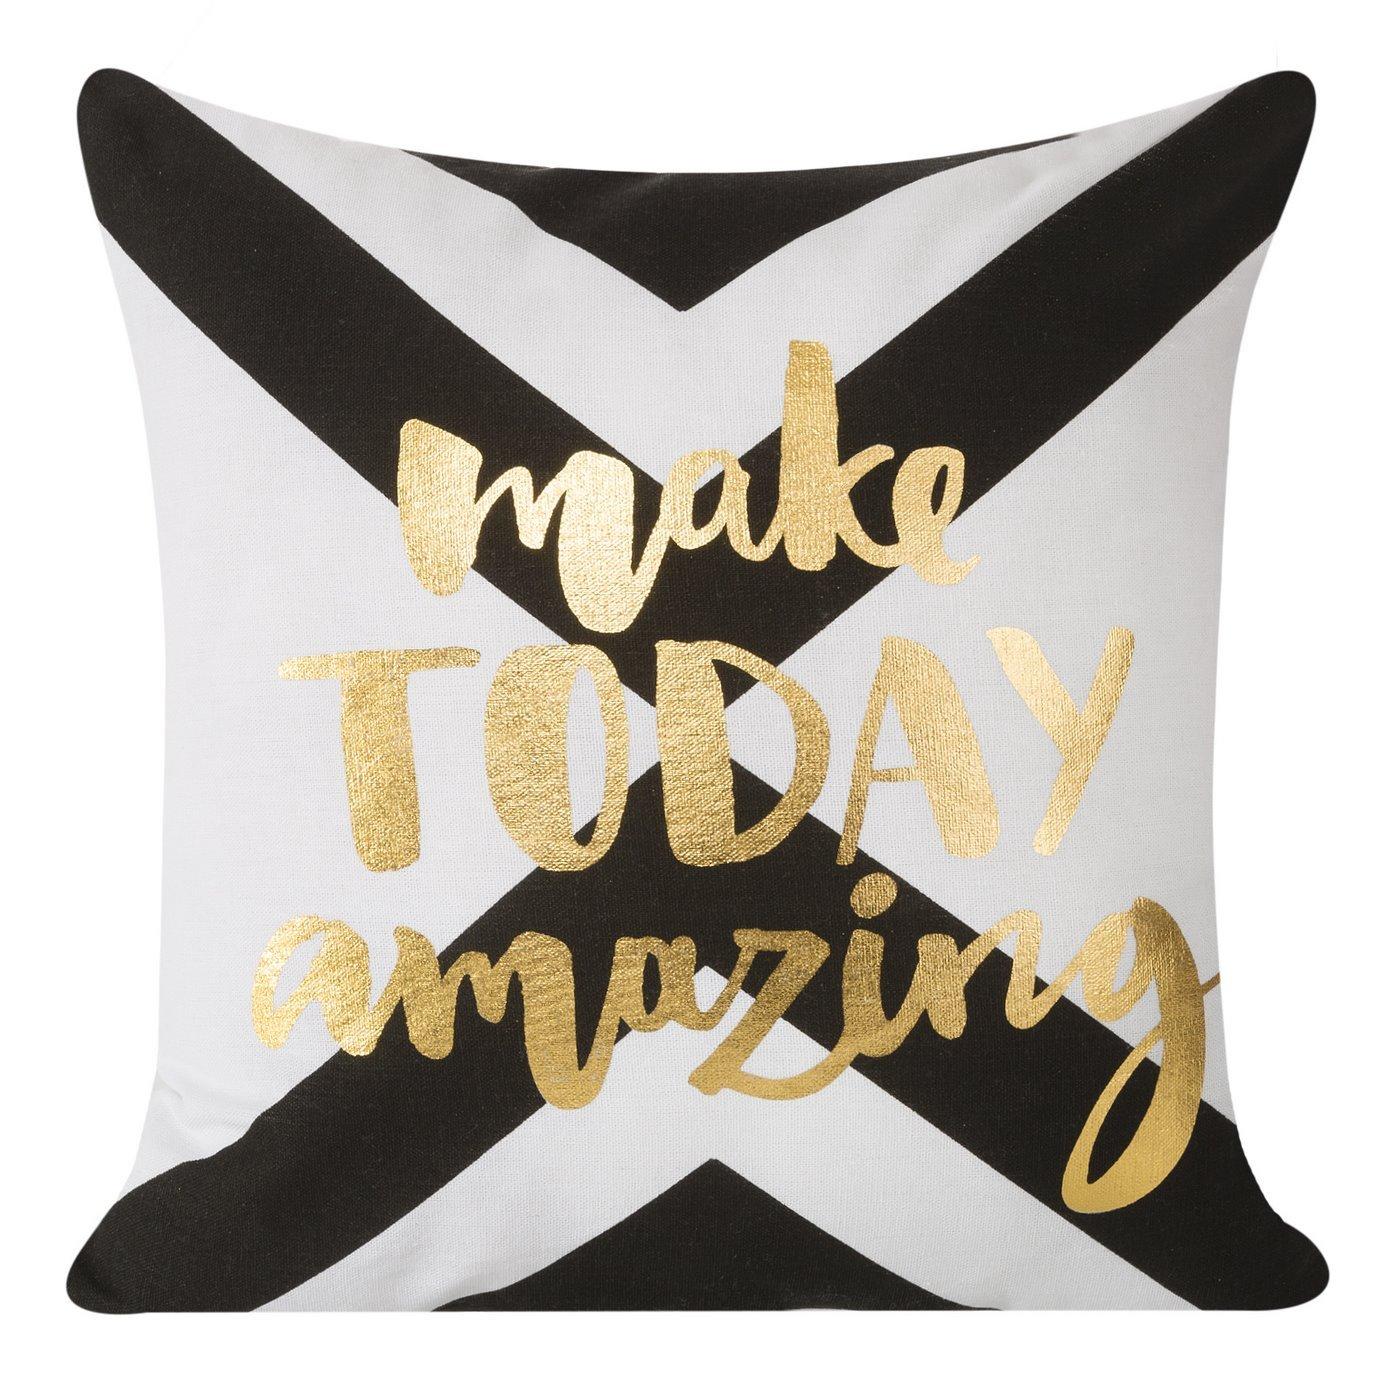 Poszewka na poduszkę 40 x 40 cm biało czarna make today amazing